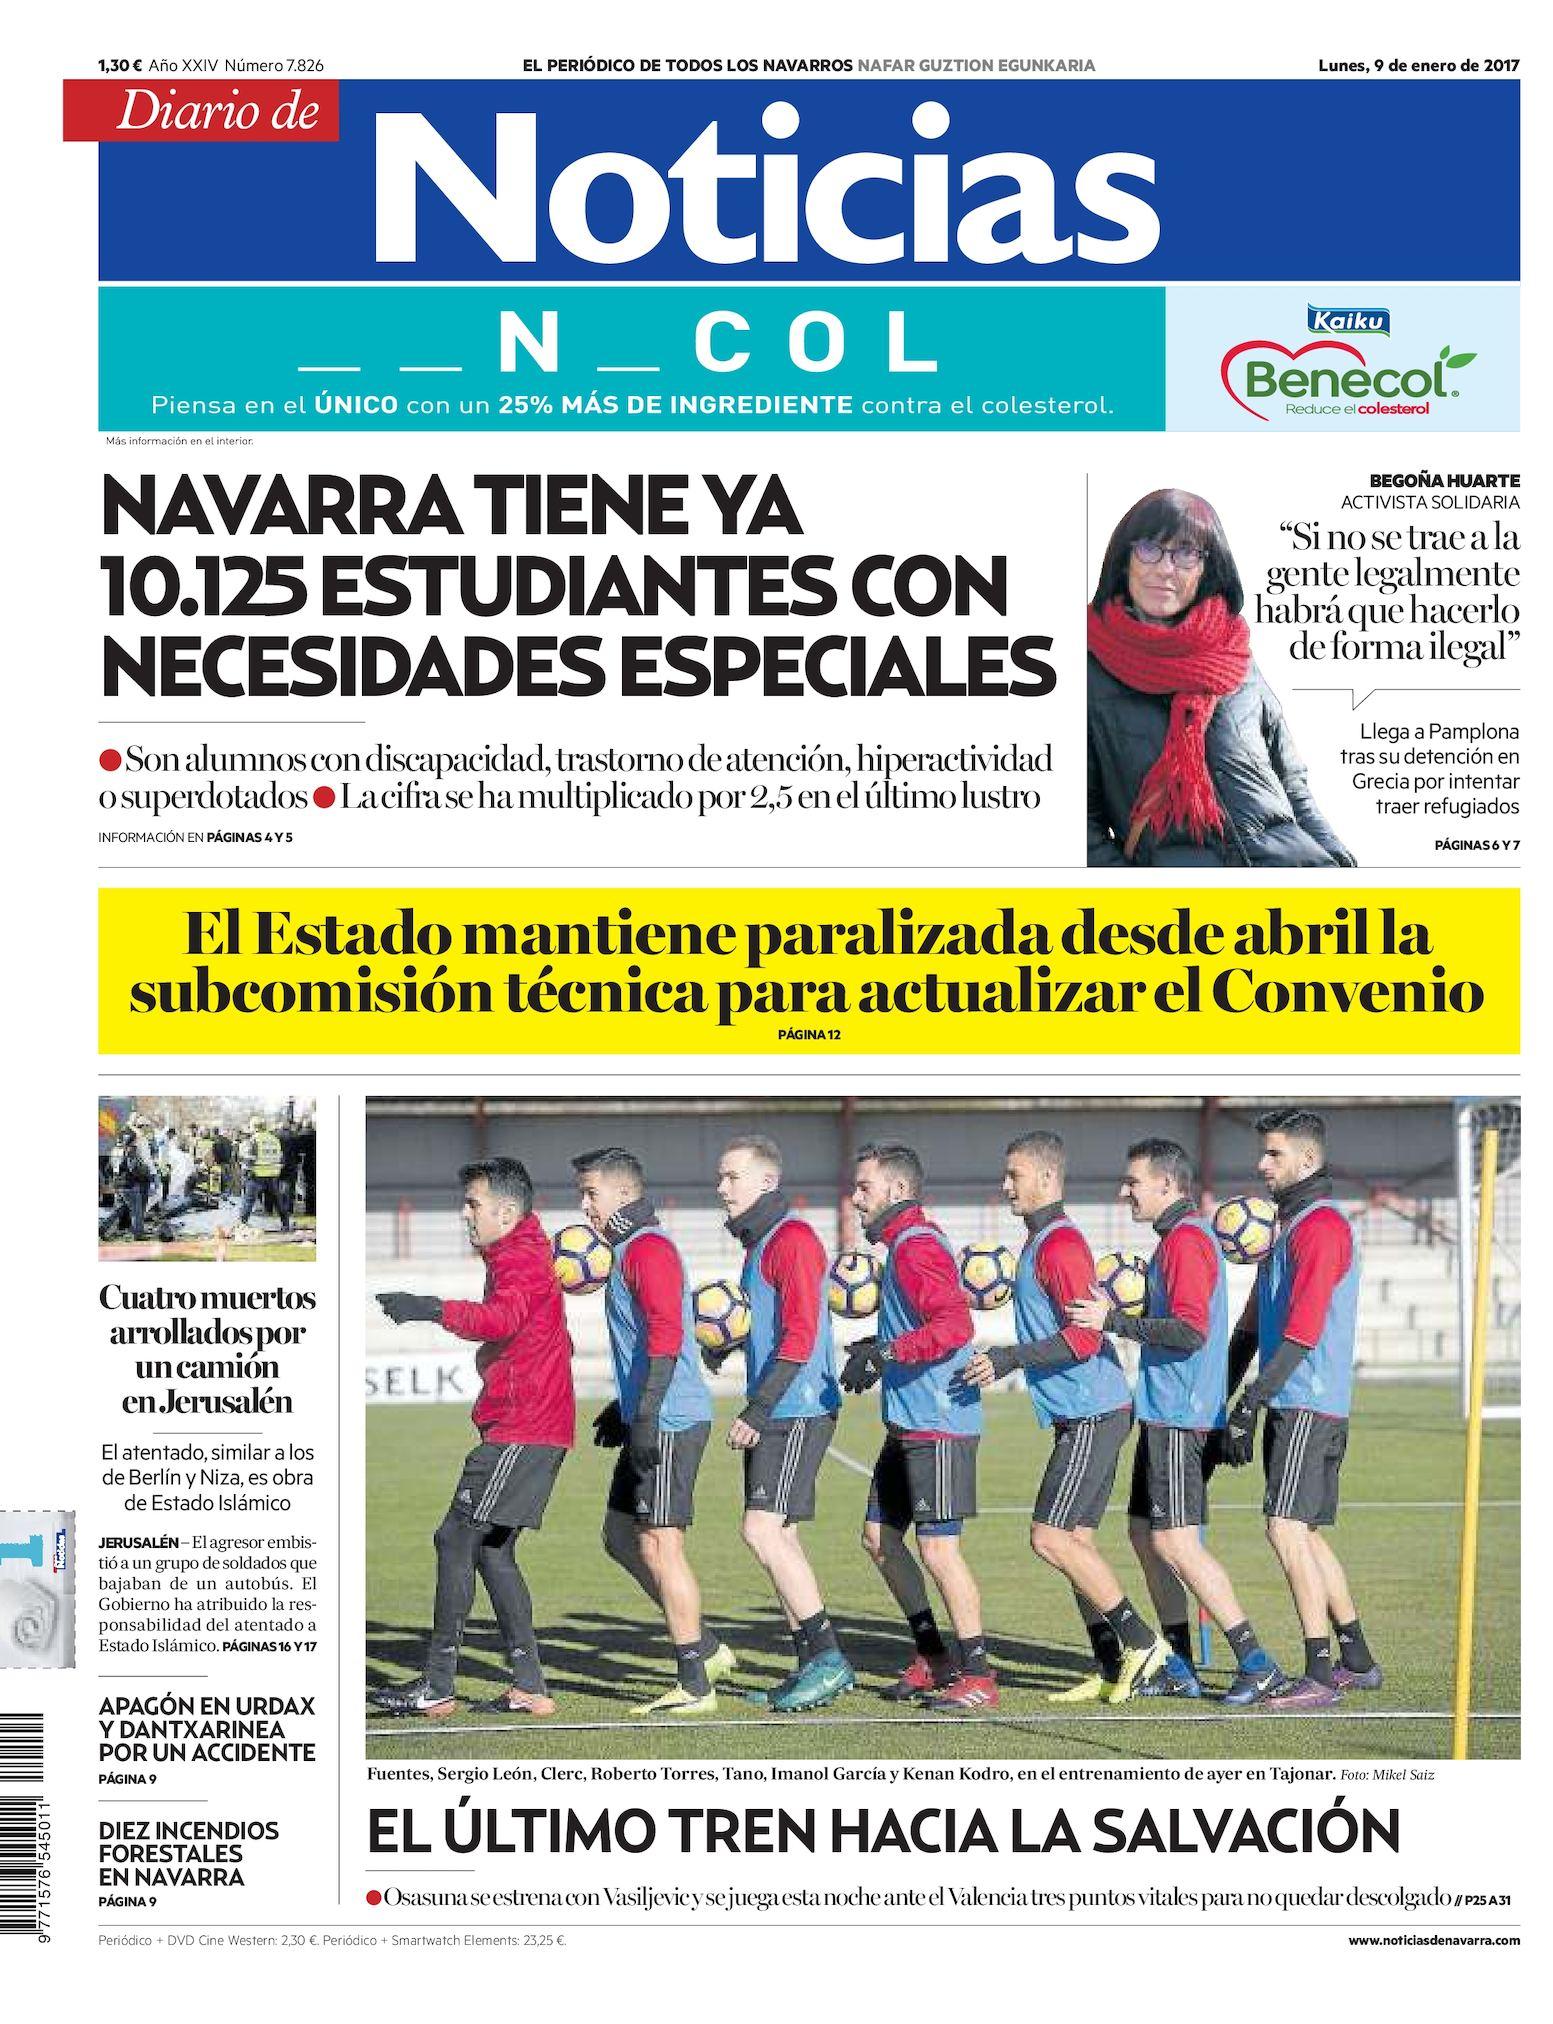 Calaméo - Diario de Noticias 20170109 302be4cca8520